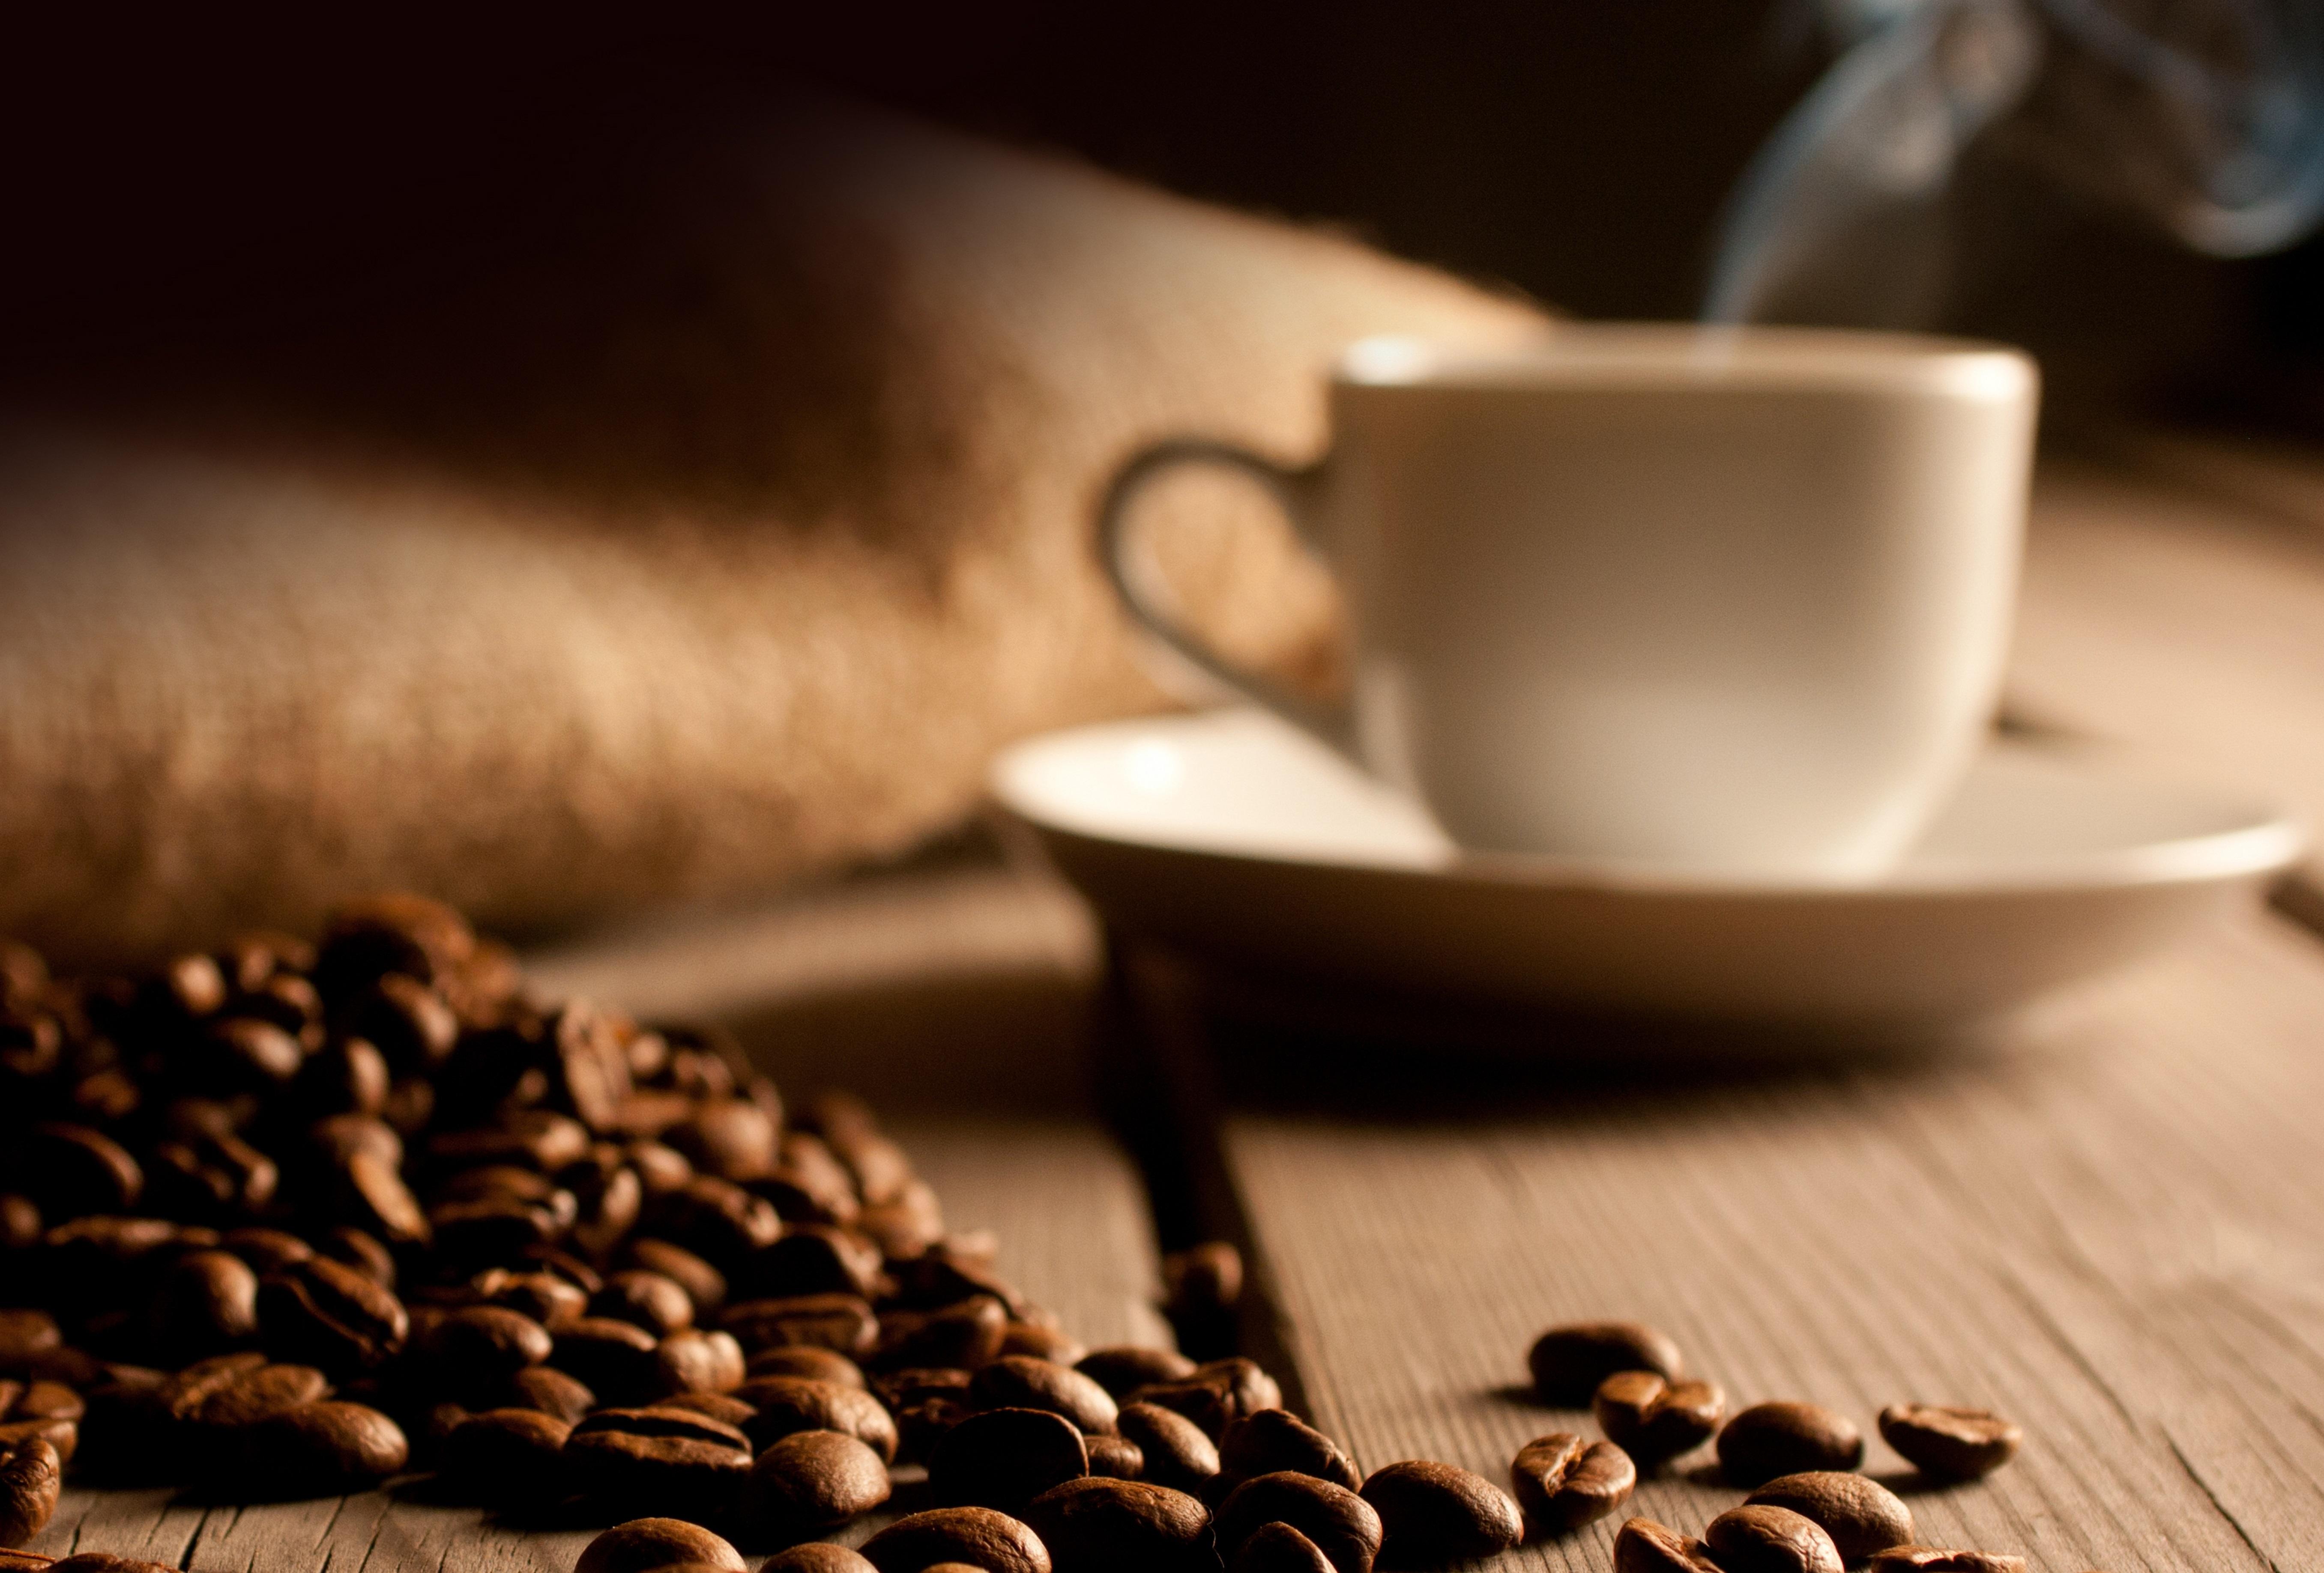 кофе кофейные напитки картинки широкоформатные лепестках хорошо